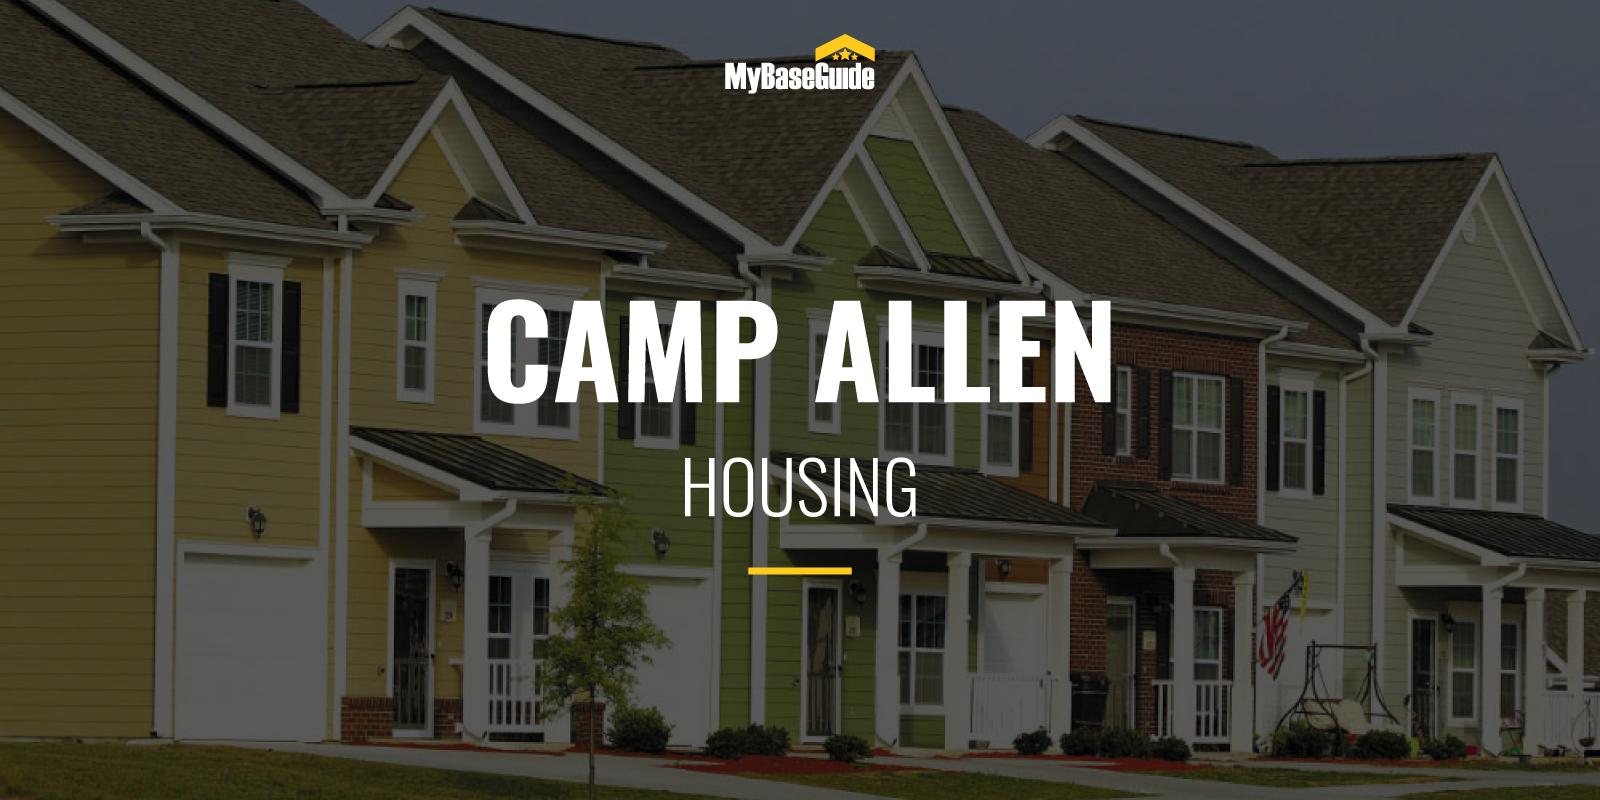 Camp Allen Housing